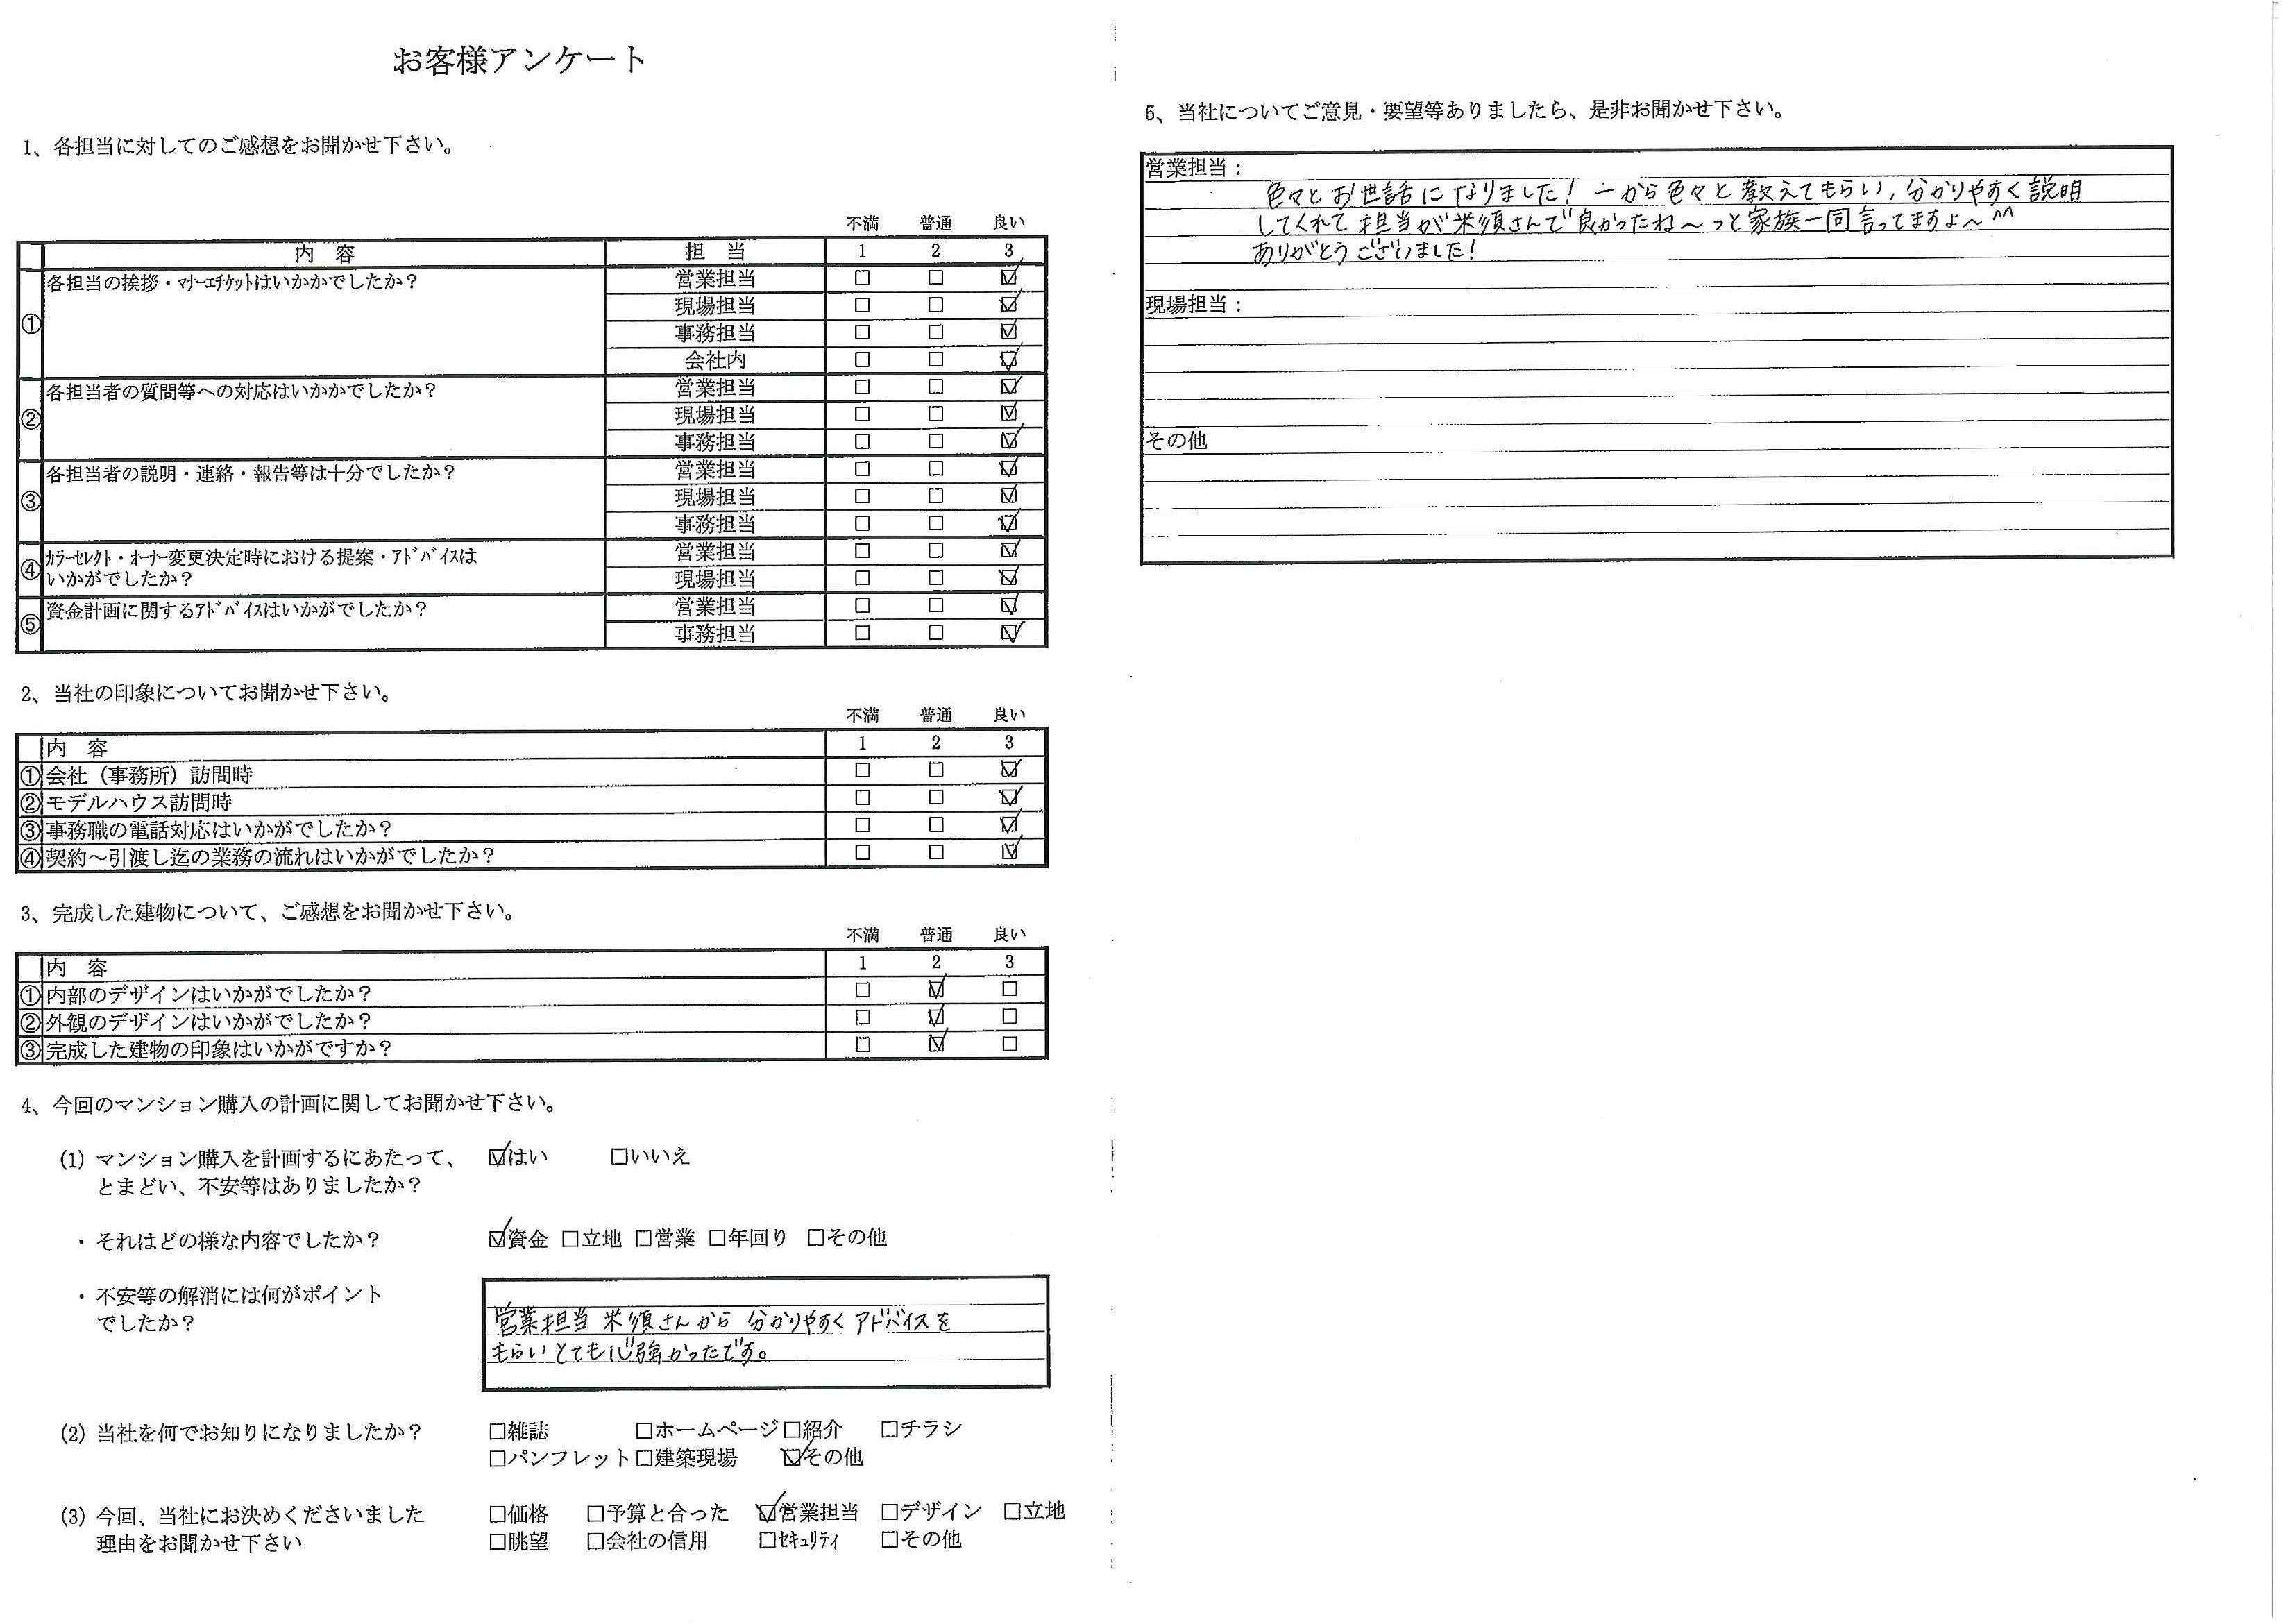 20170321_お客様アンケート